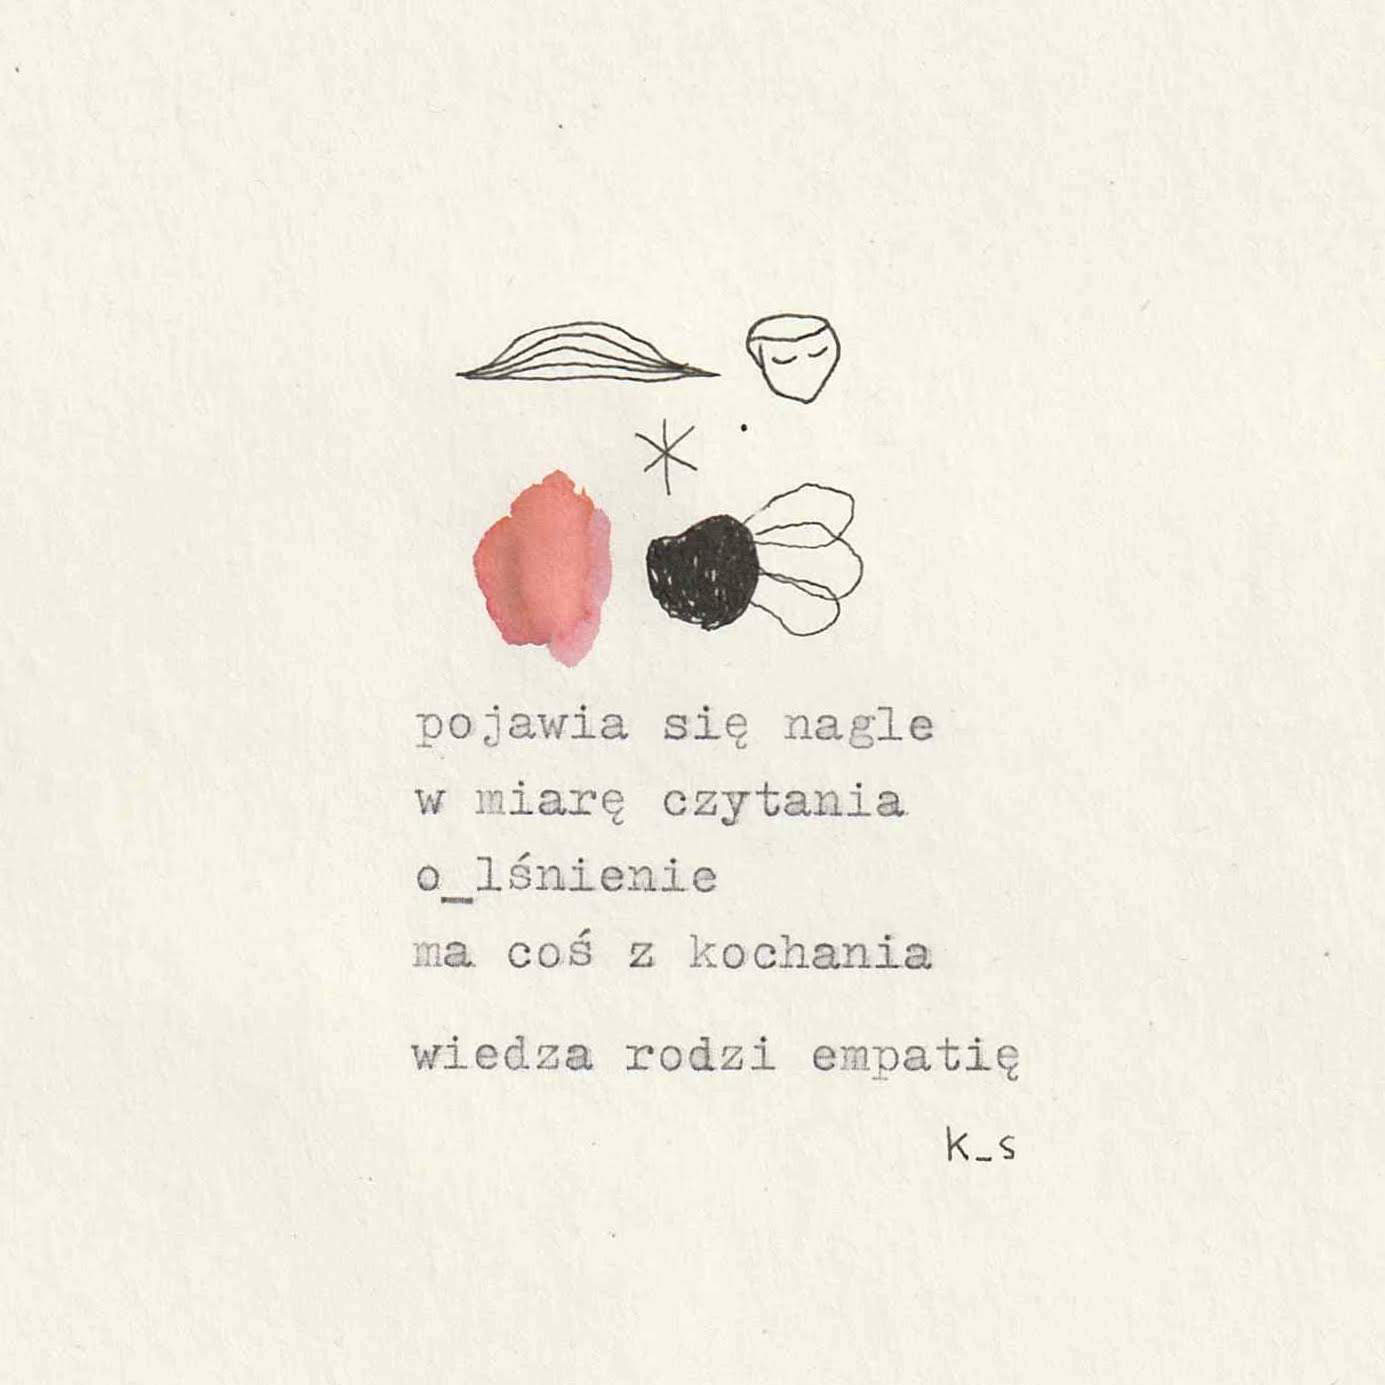 Karla Szyma - PRINT_169